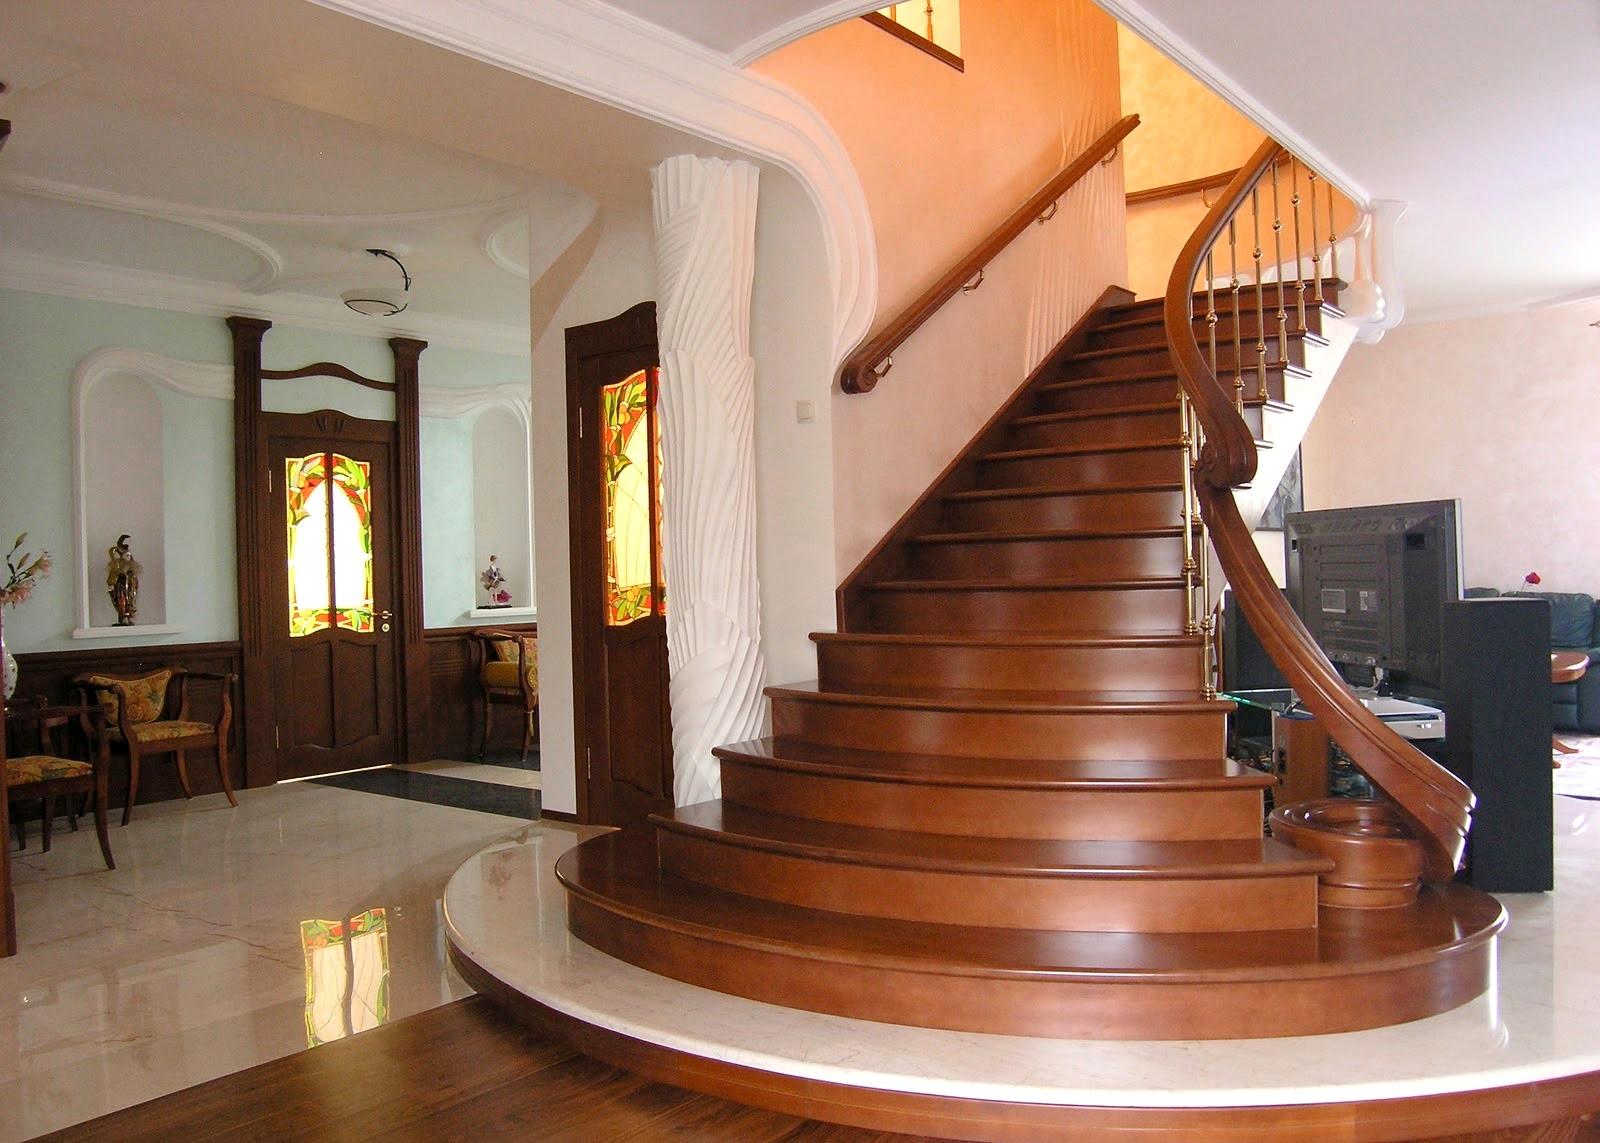 дома лестницы для смотреть фото